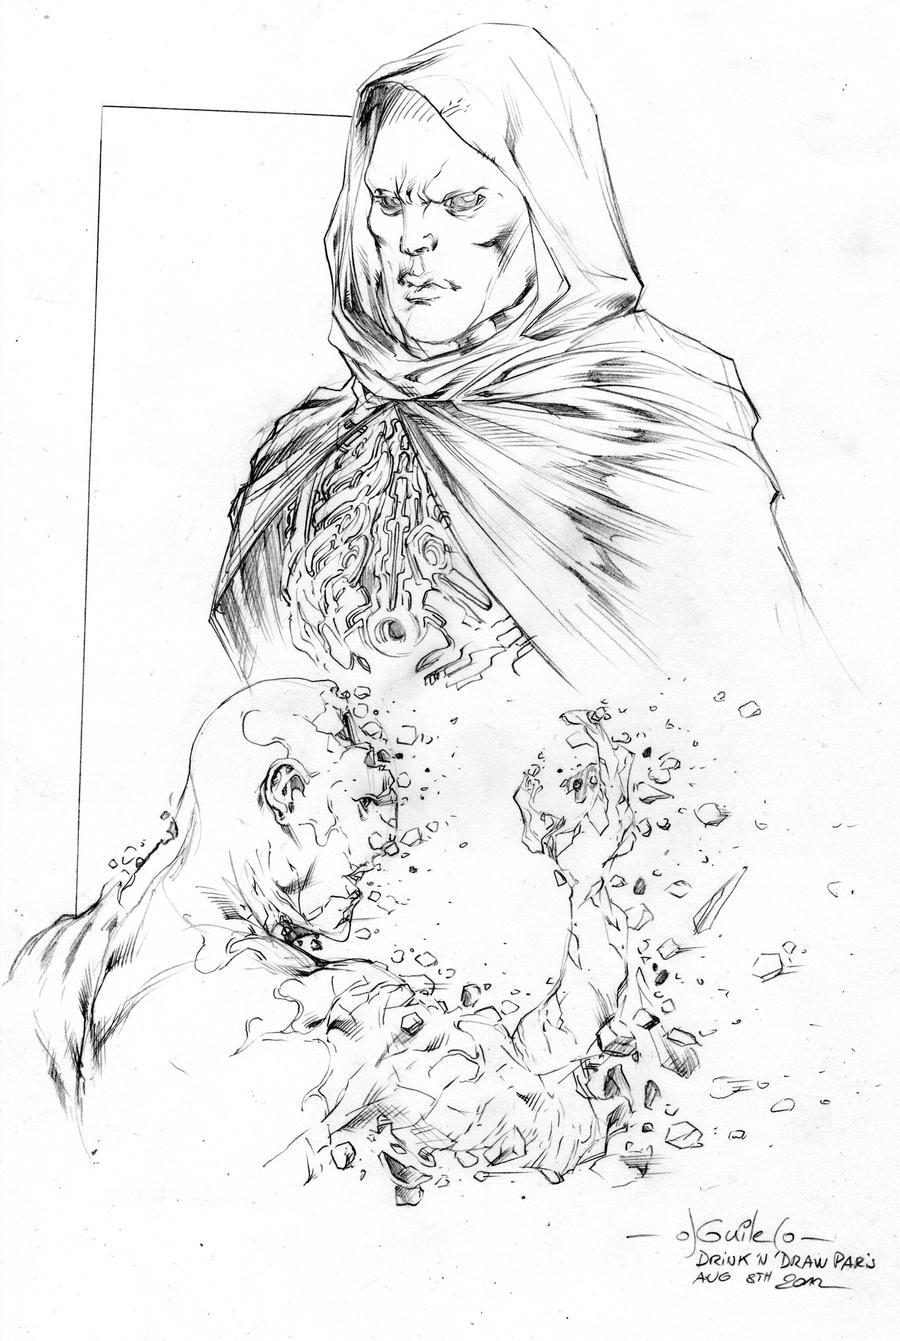 How to draw Prometheus